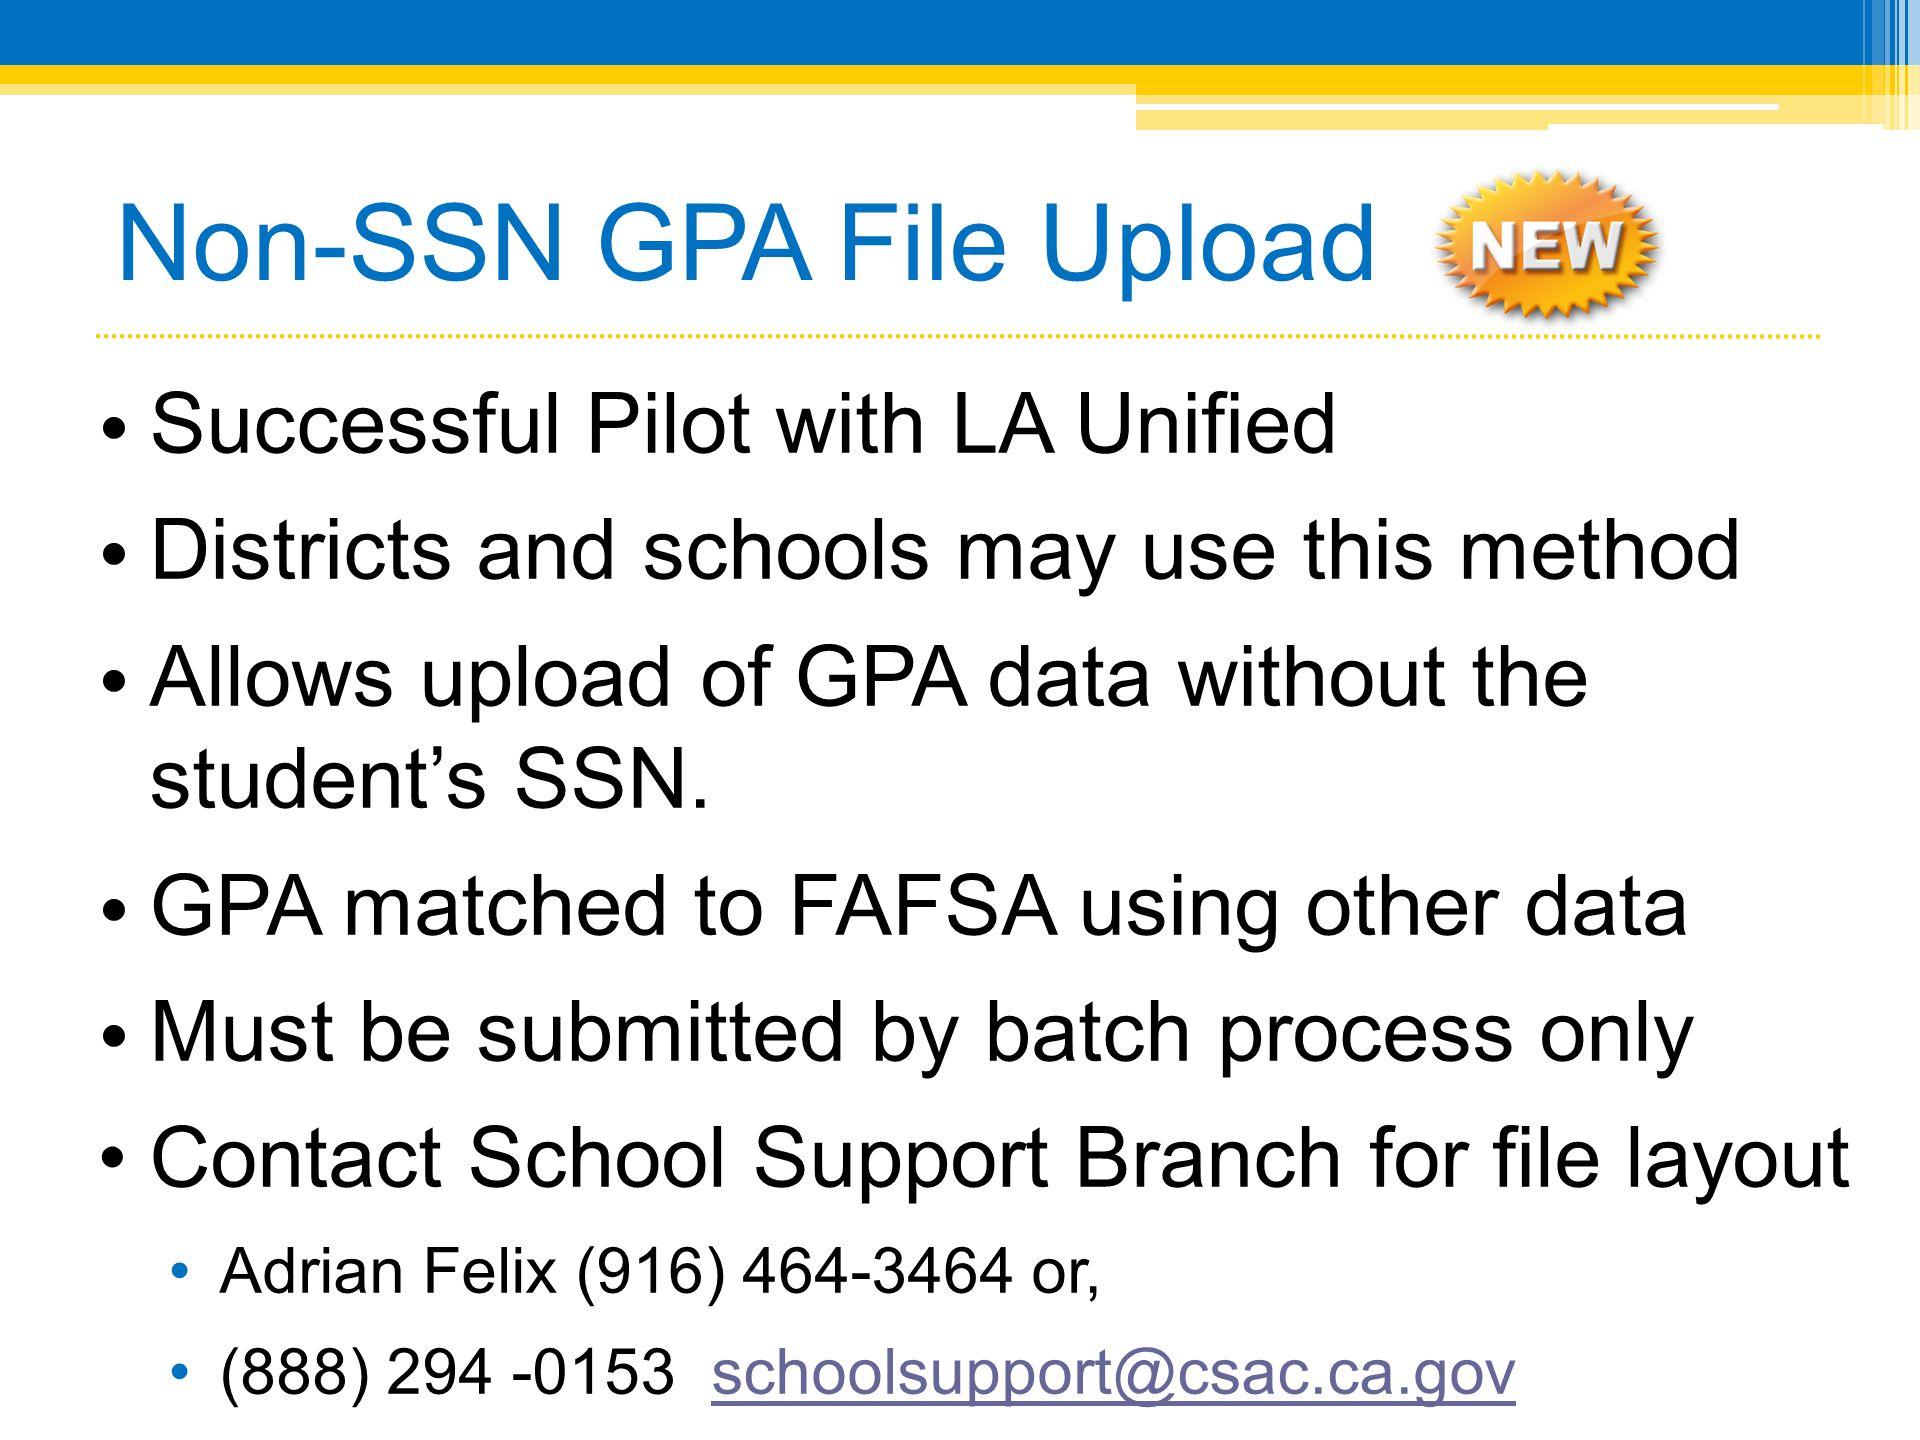 Non-SSN GPA File Upload